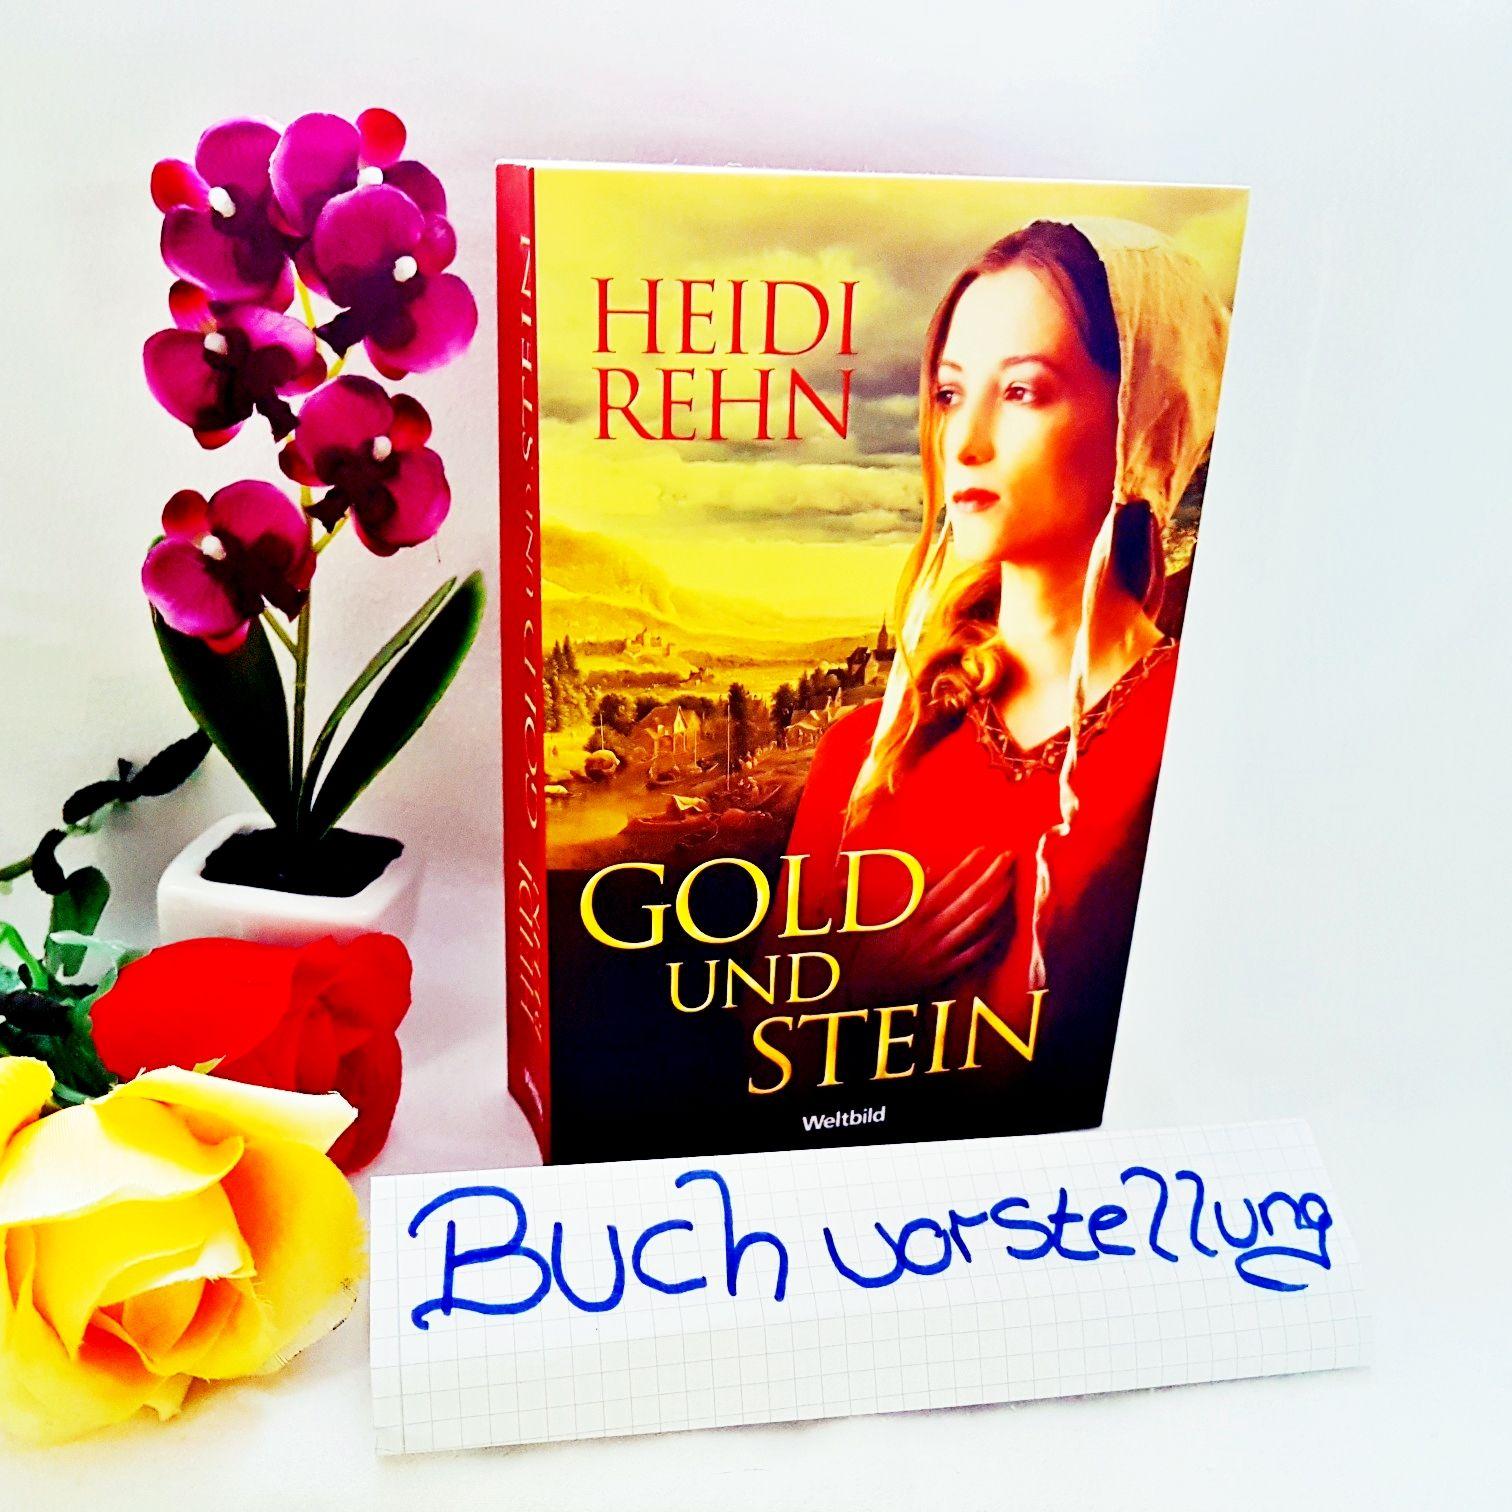 Gold und Stein von Heidi Rehn